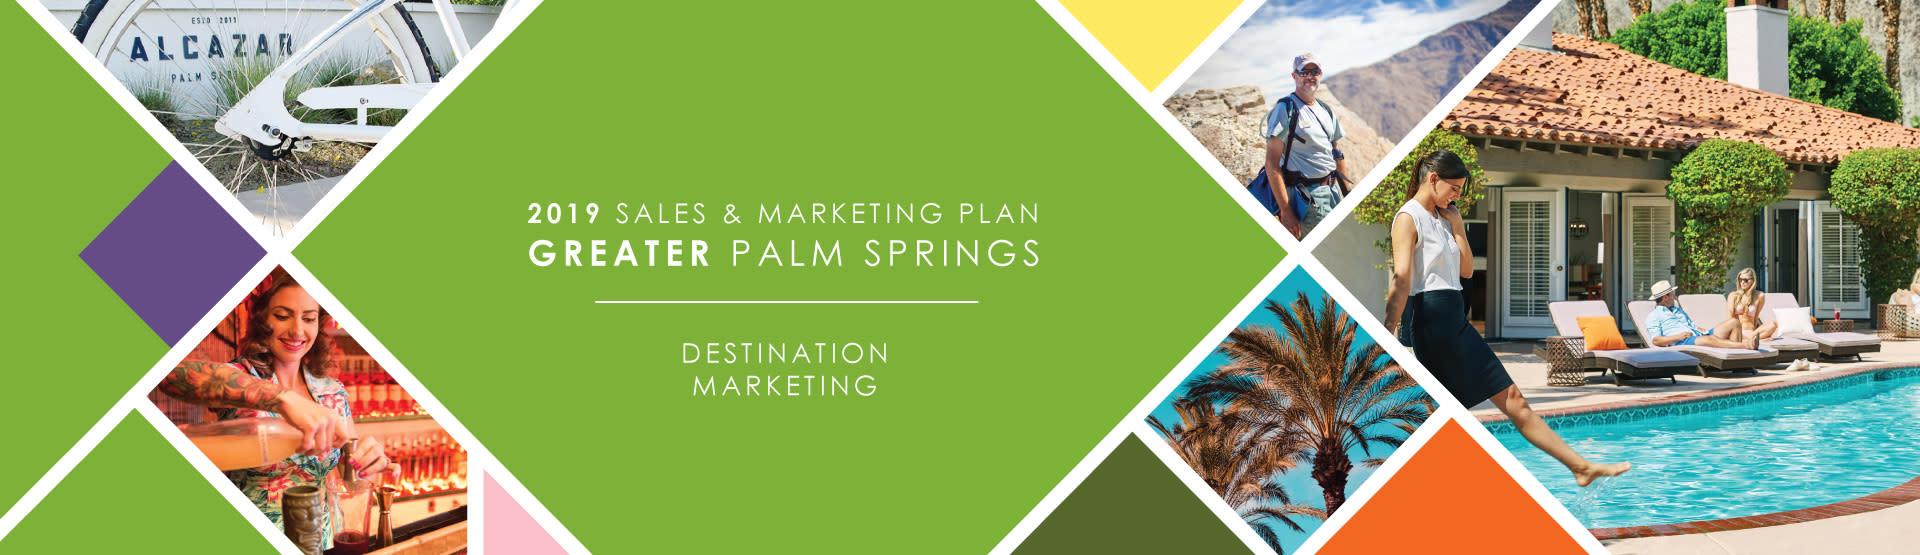 Destination Marketing header